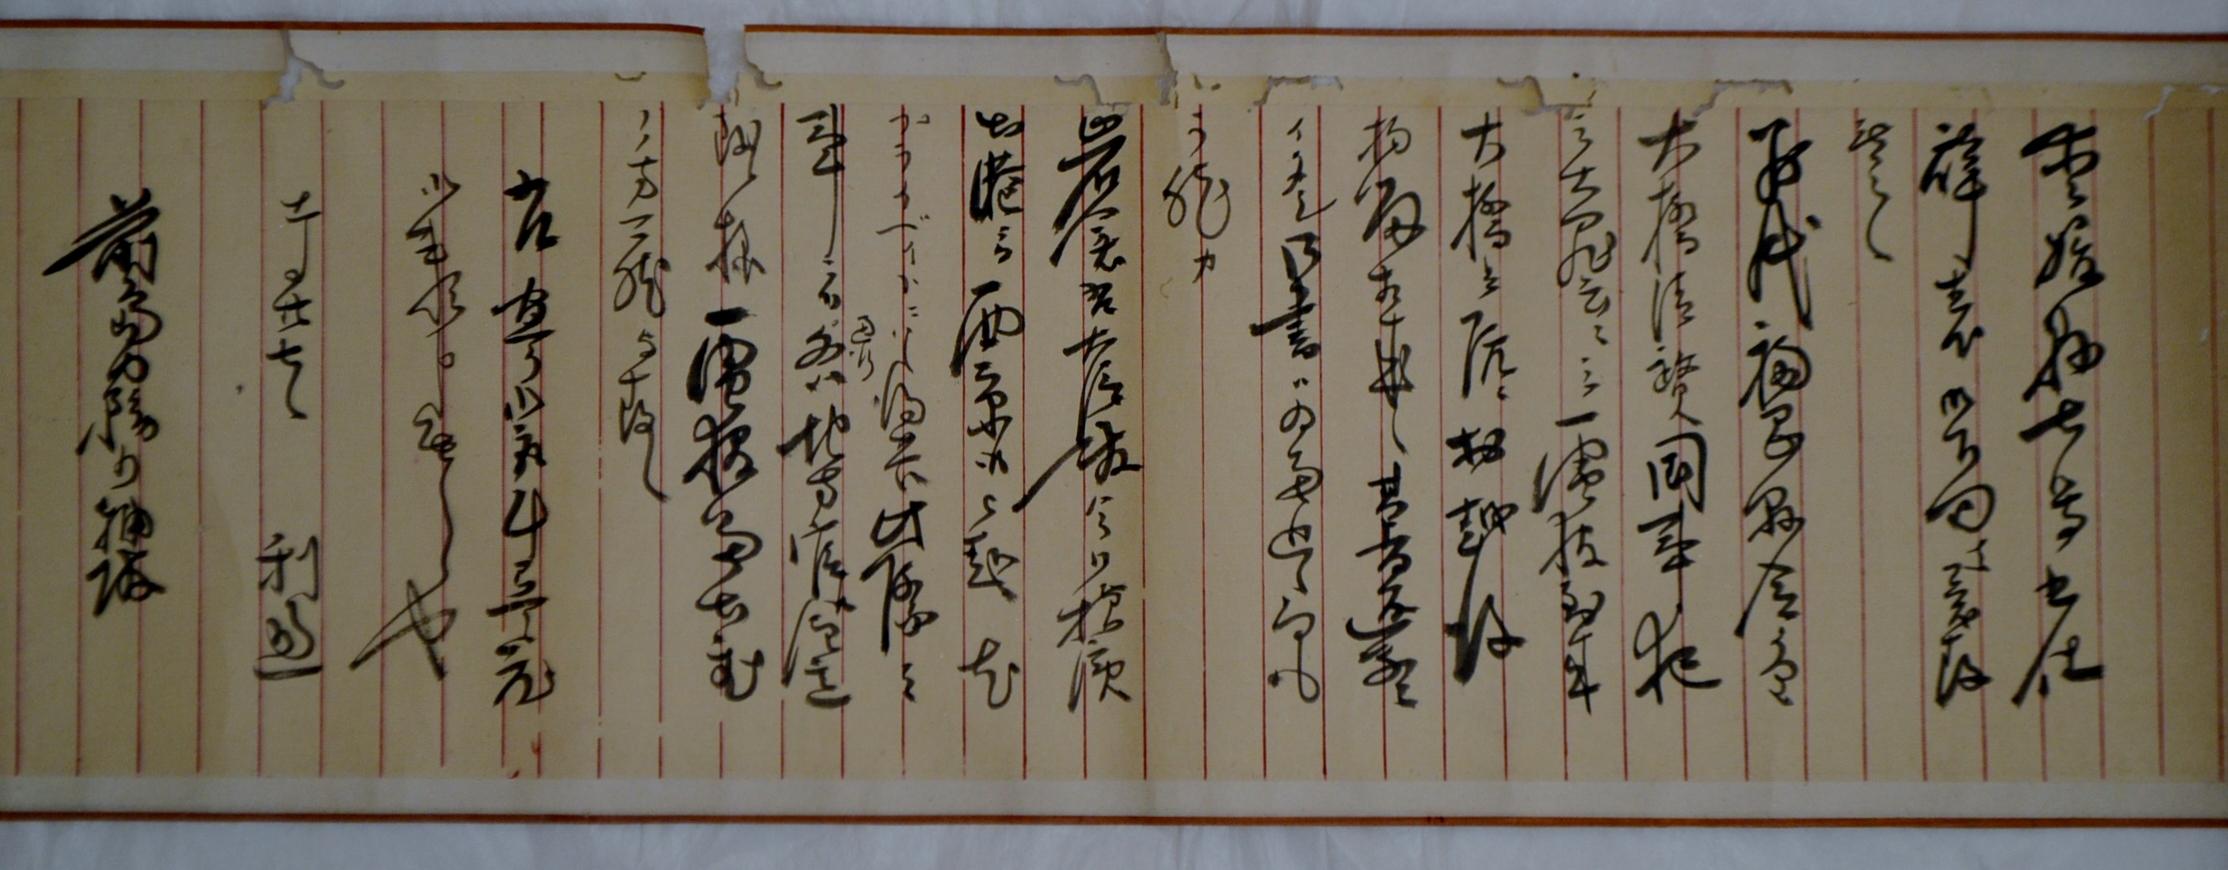 ookuboshokan02.JPG